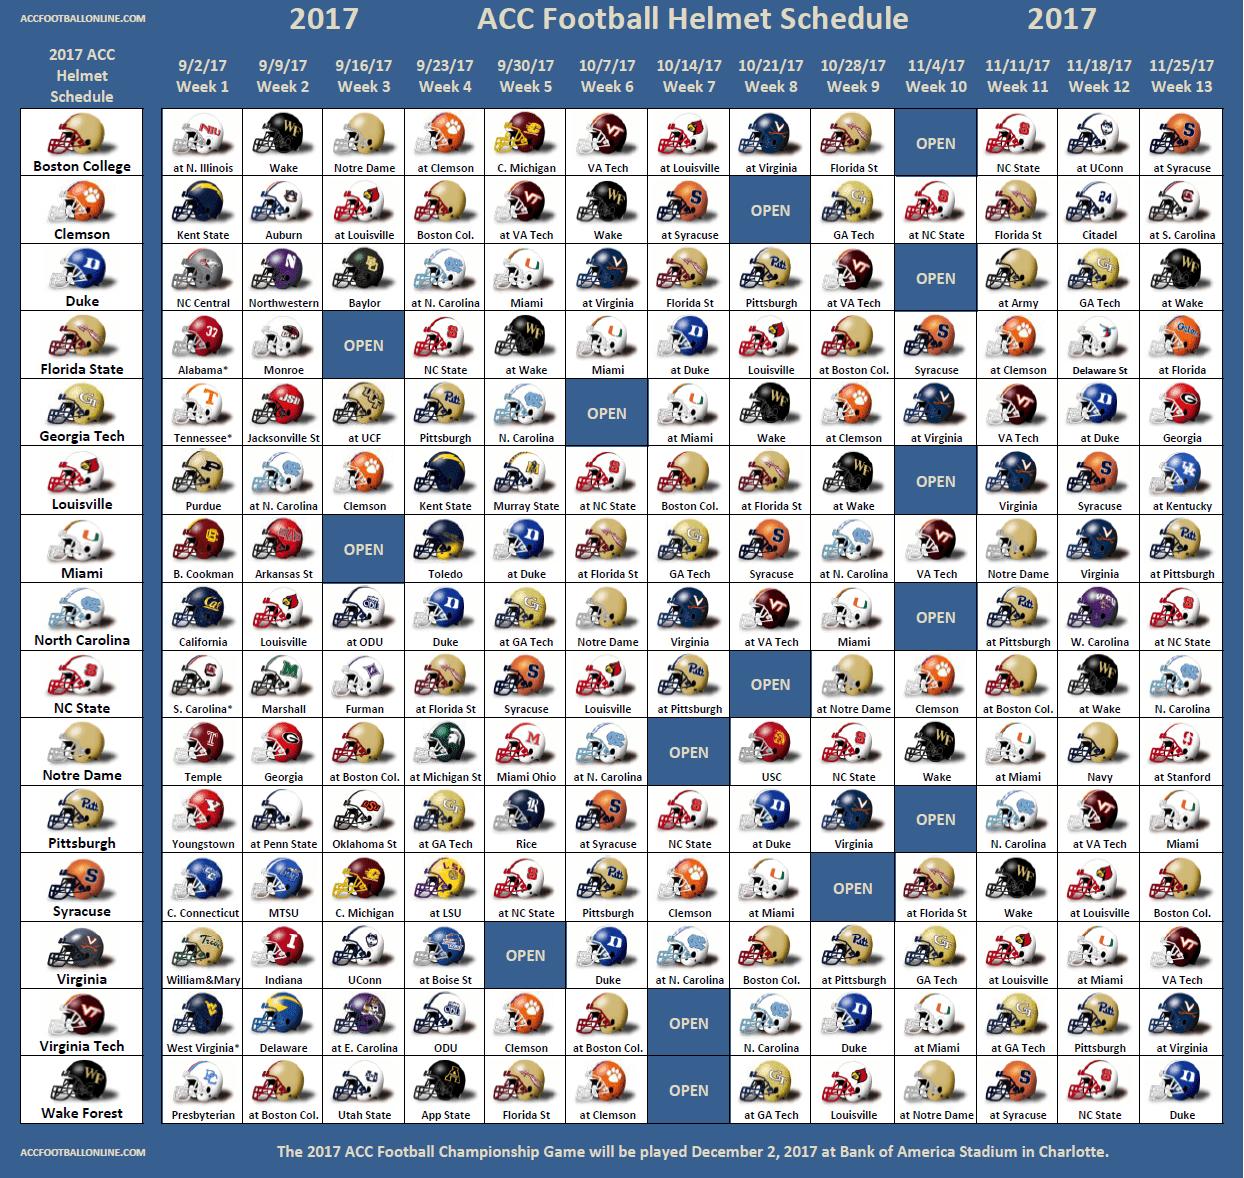 2017 ACC Football Helmet Schedule